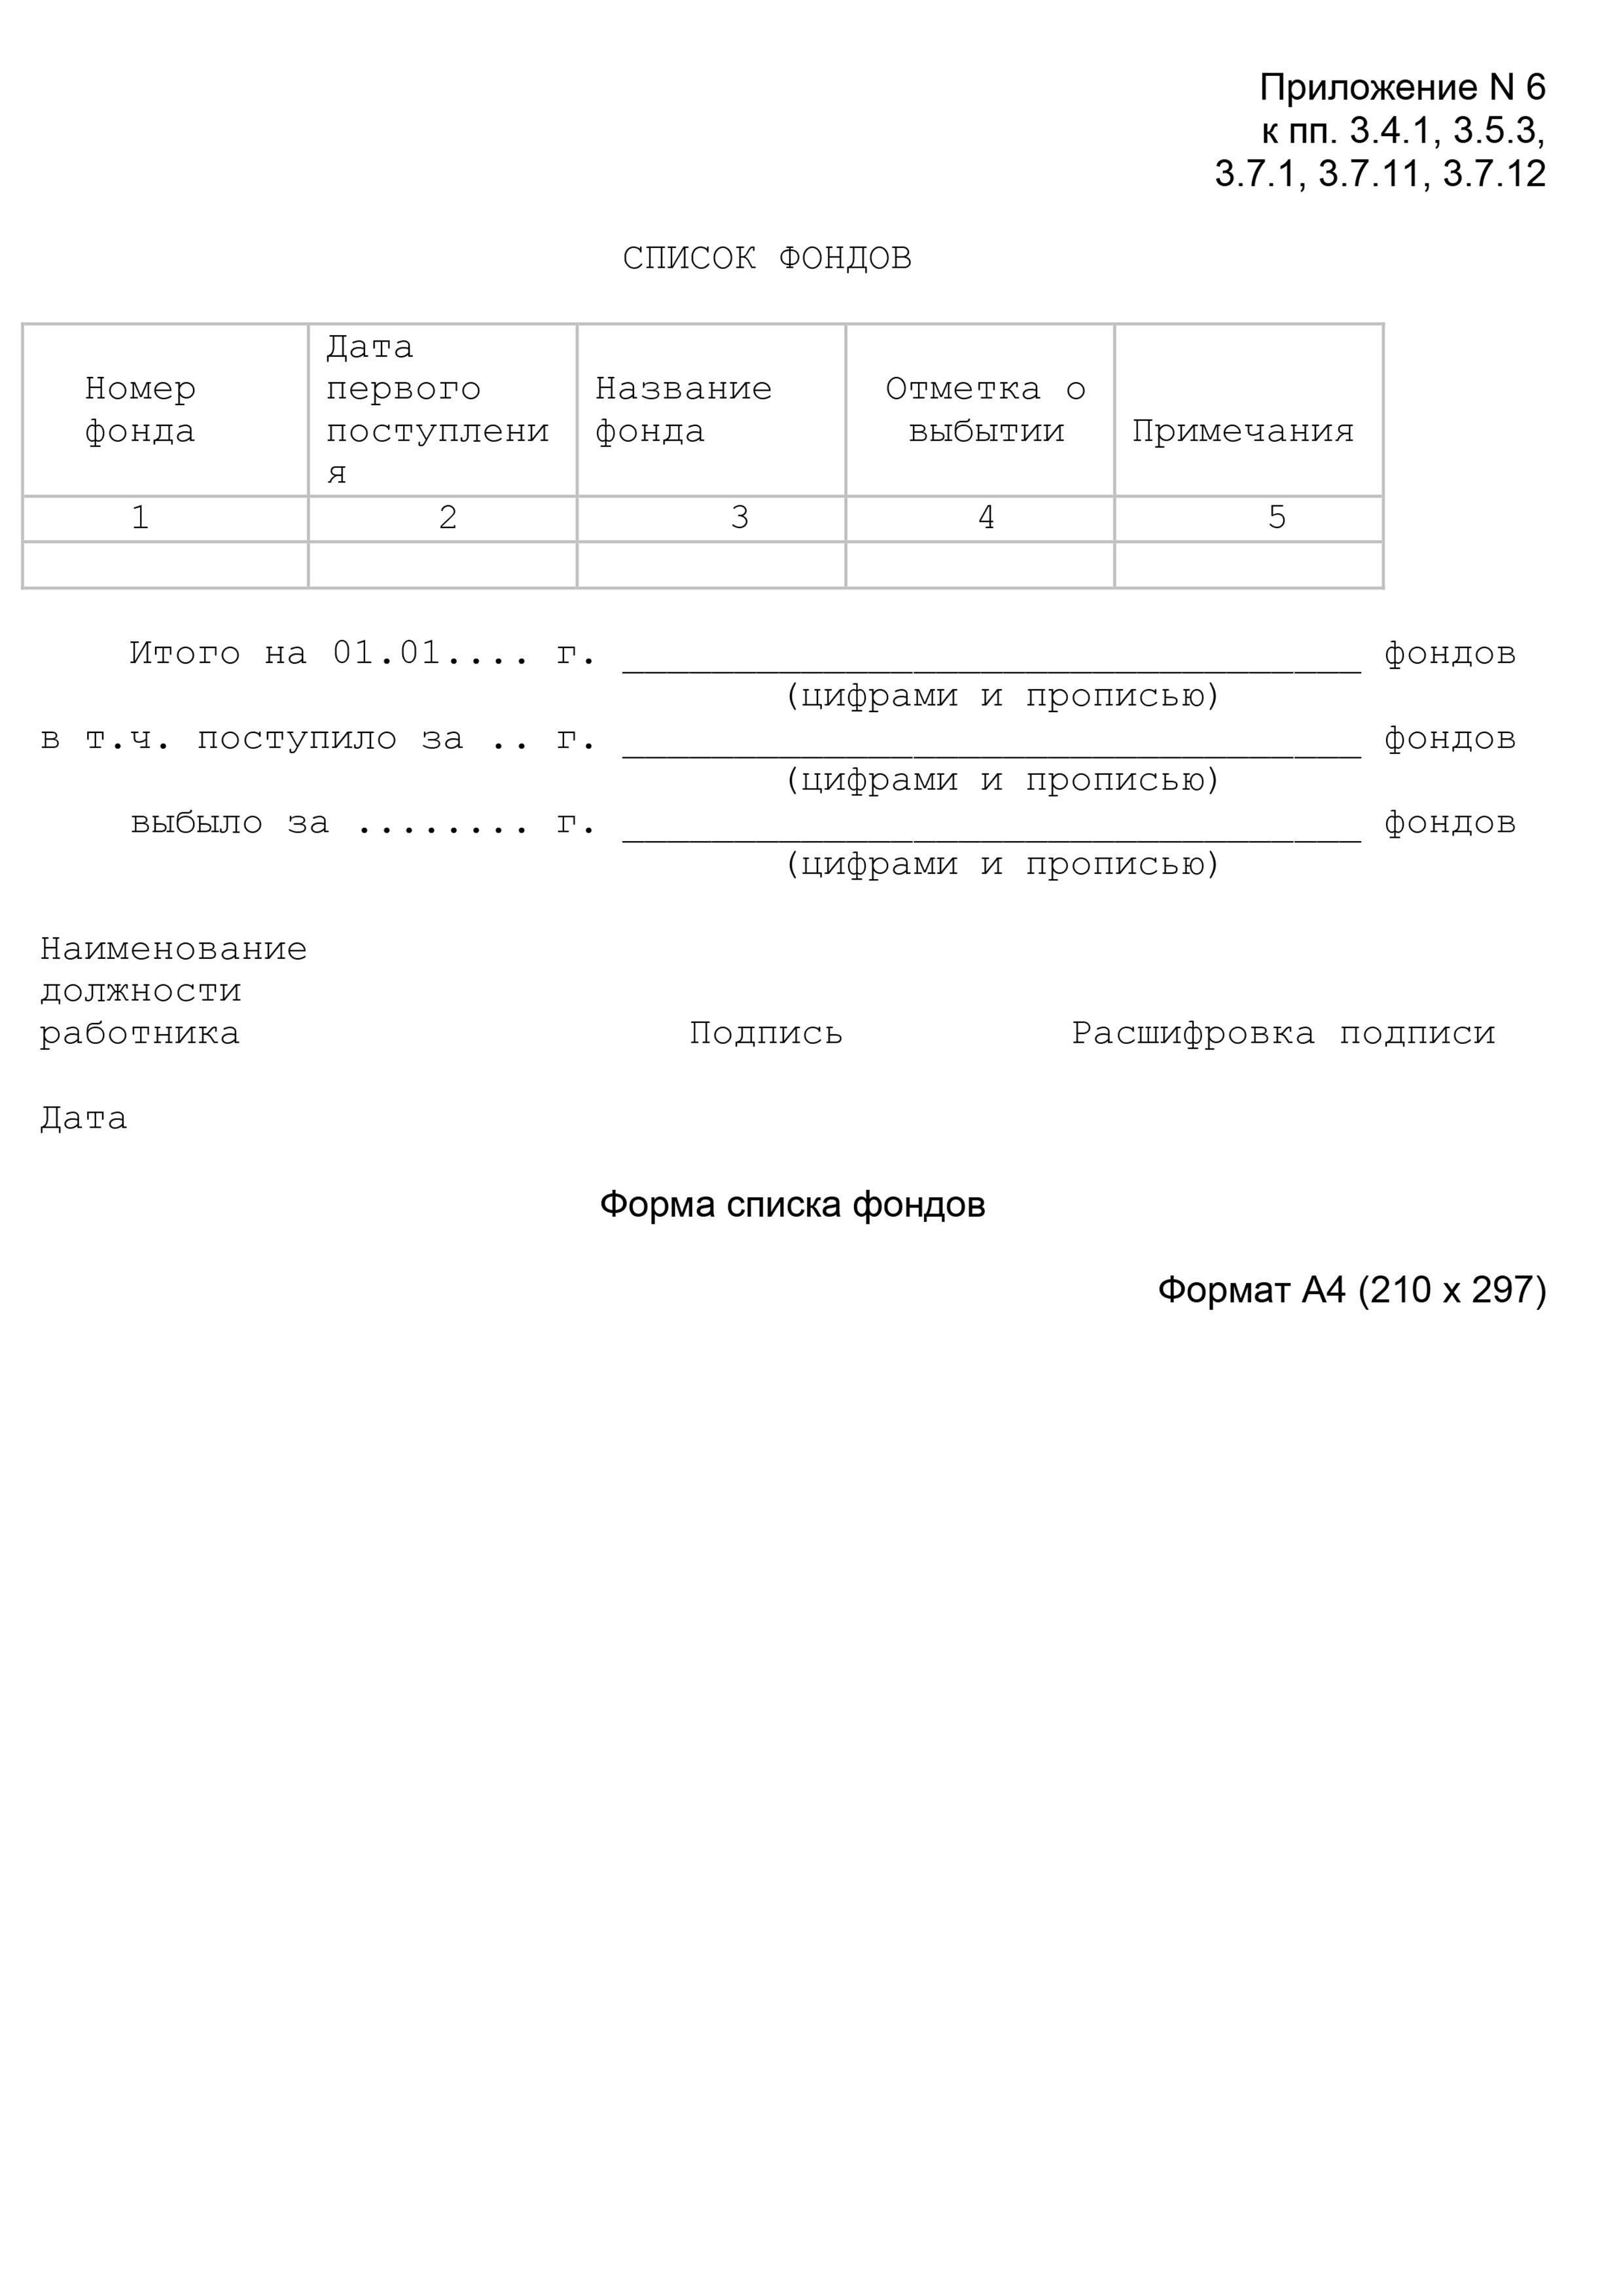 документов оформления инструкция архивных